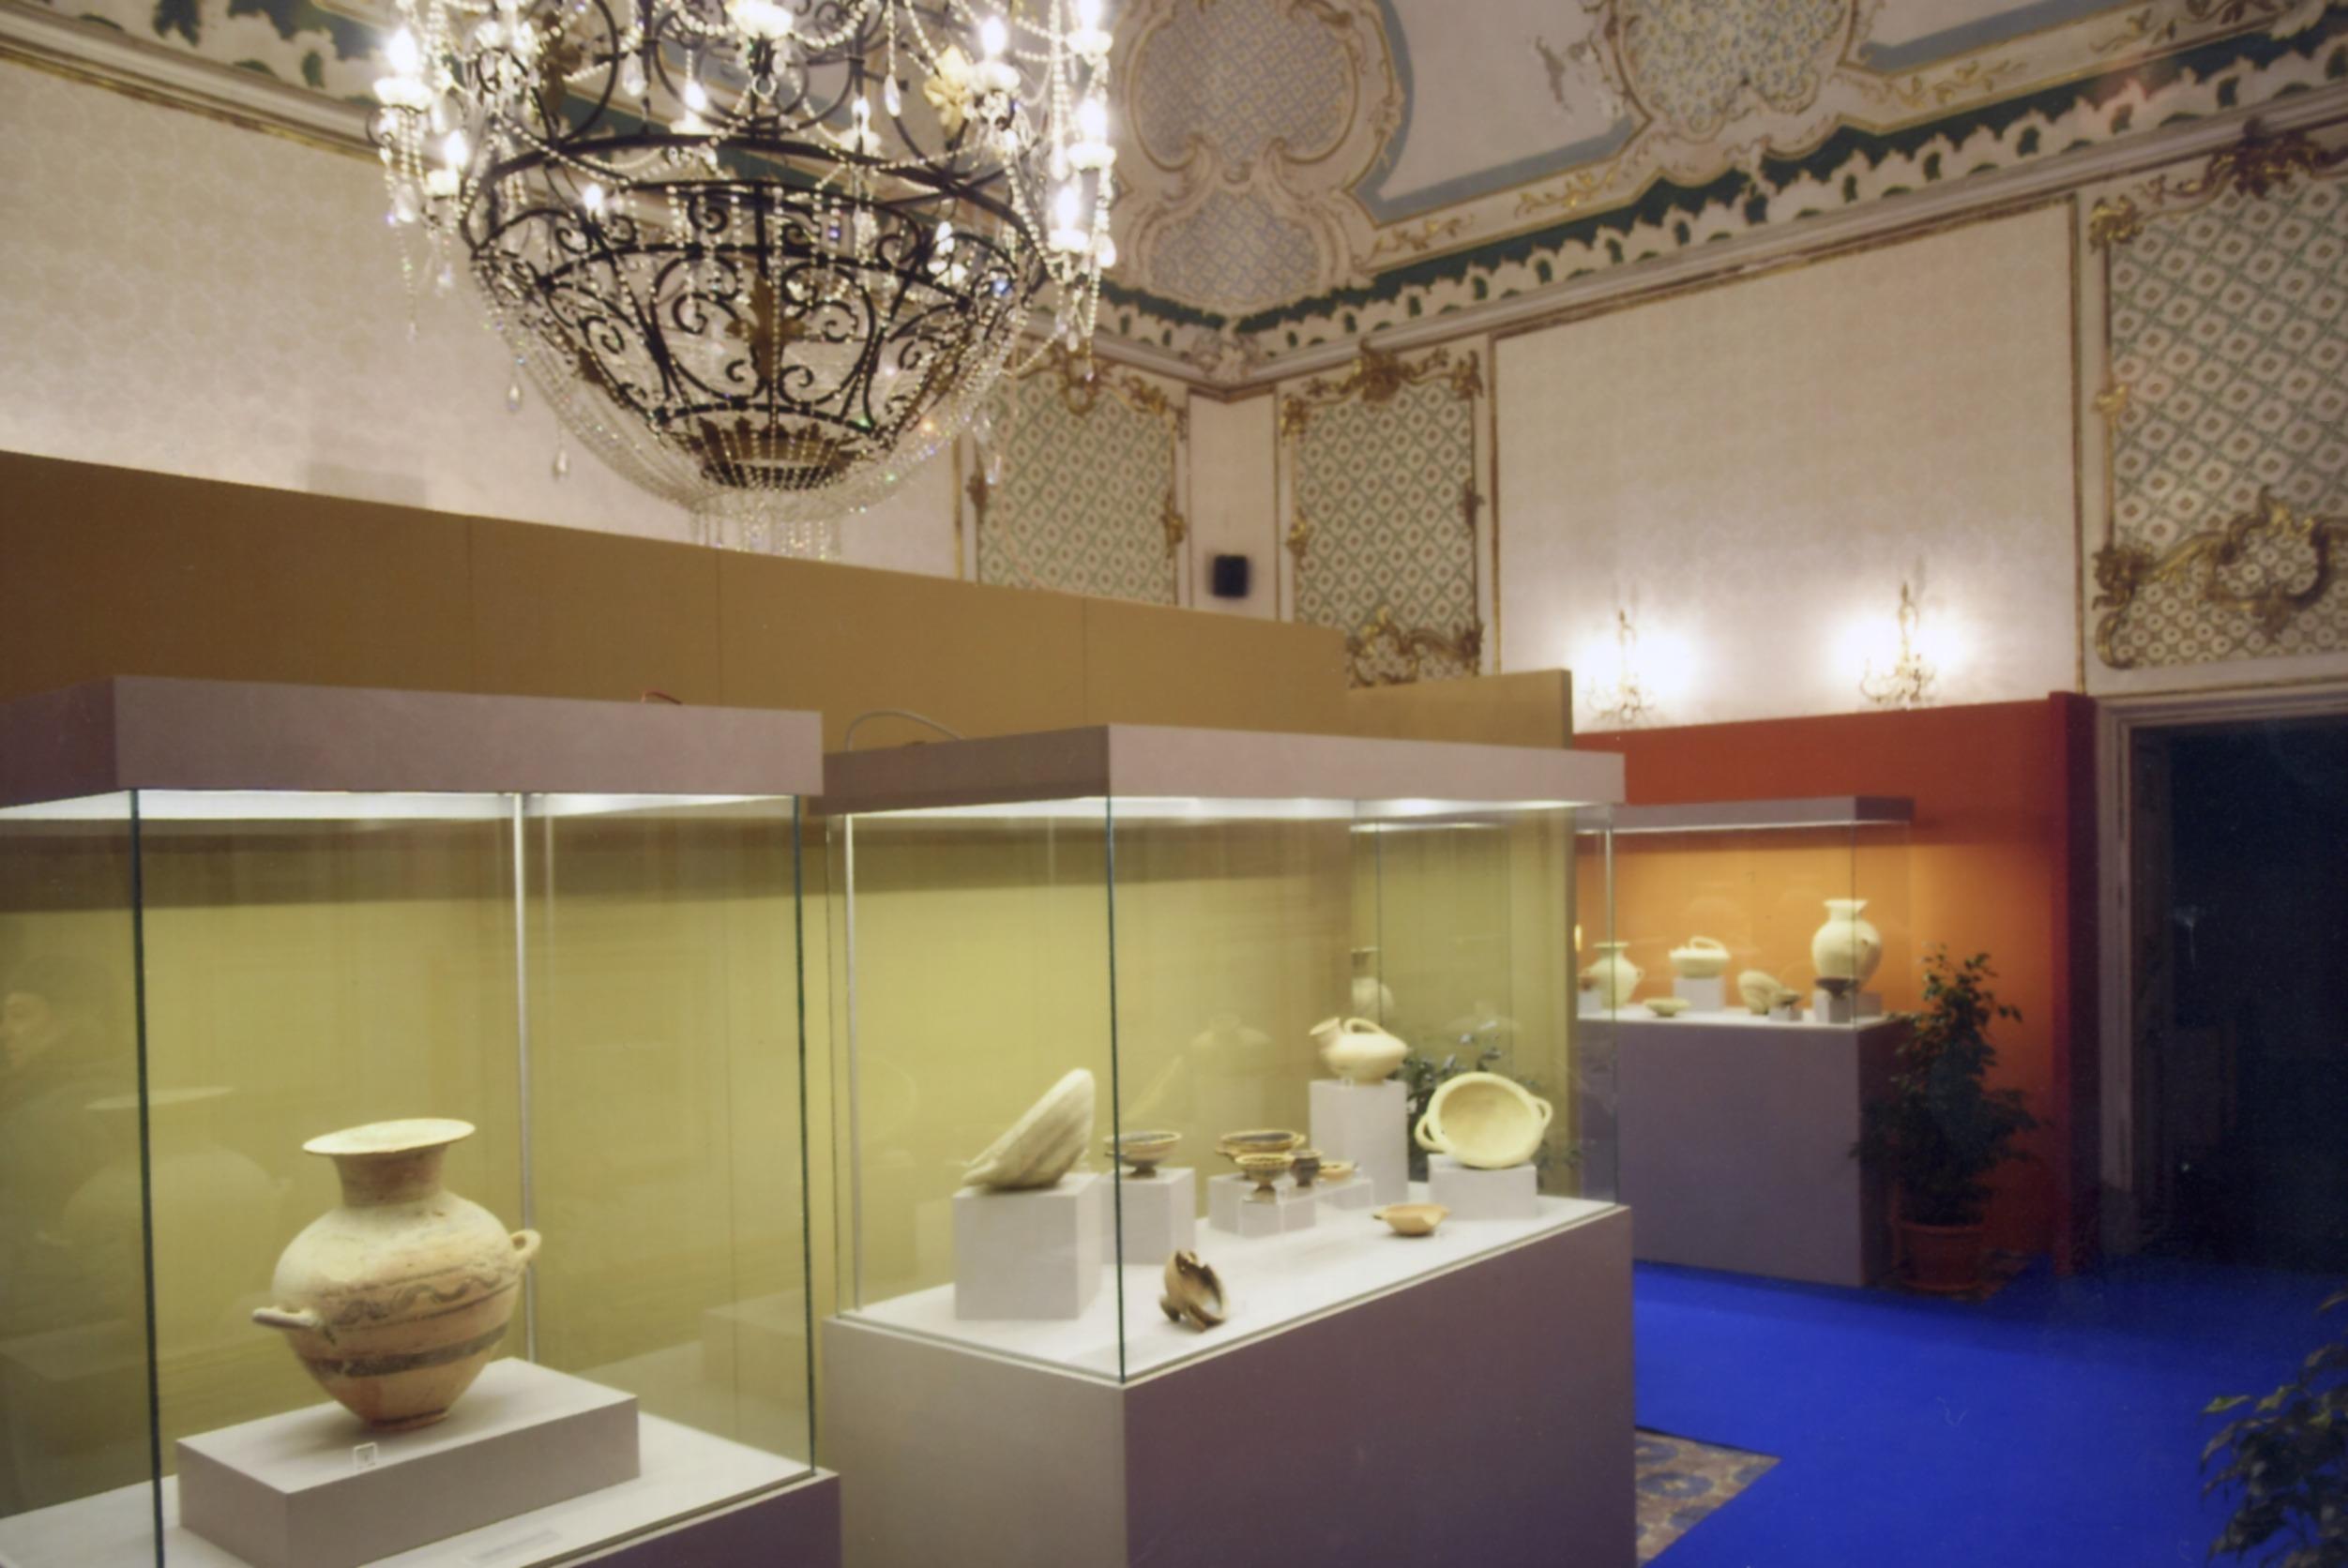 Lavoro A Chiaramonte Gulfi allestimento della sezione archeologica dei musei civici di